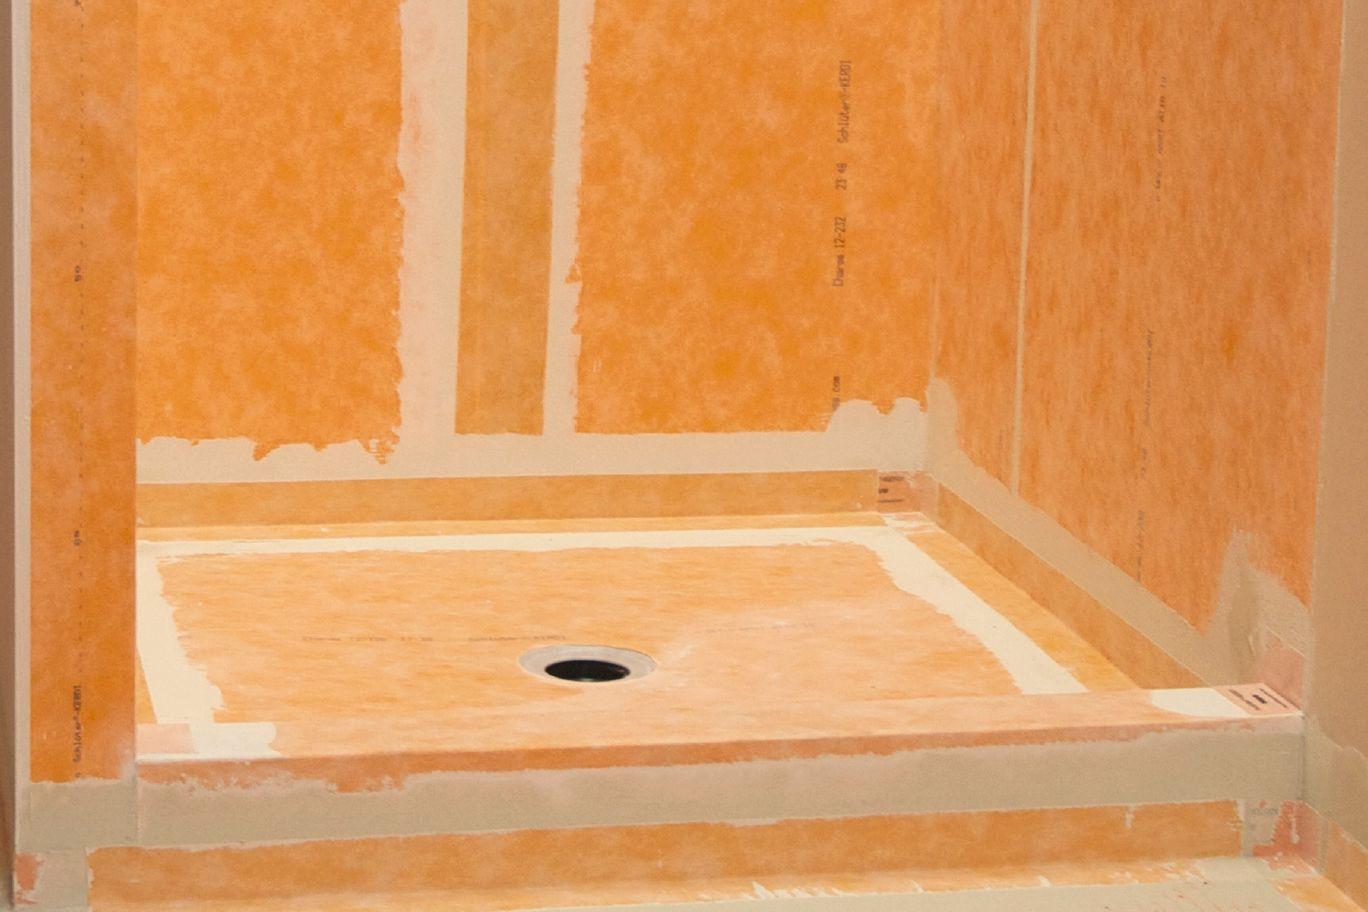 hardwood floor vapor barrier of schlutera kerdi waterproofing kerdi membranes schluter com regarding schlutera kerdi